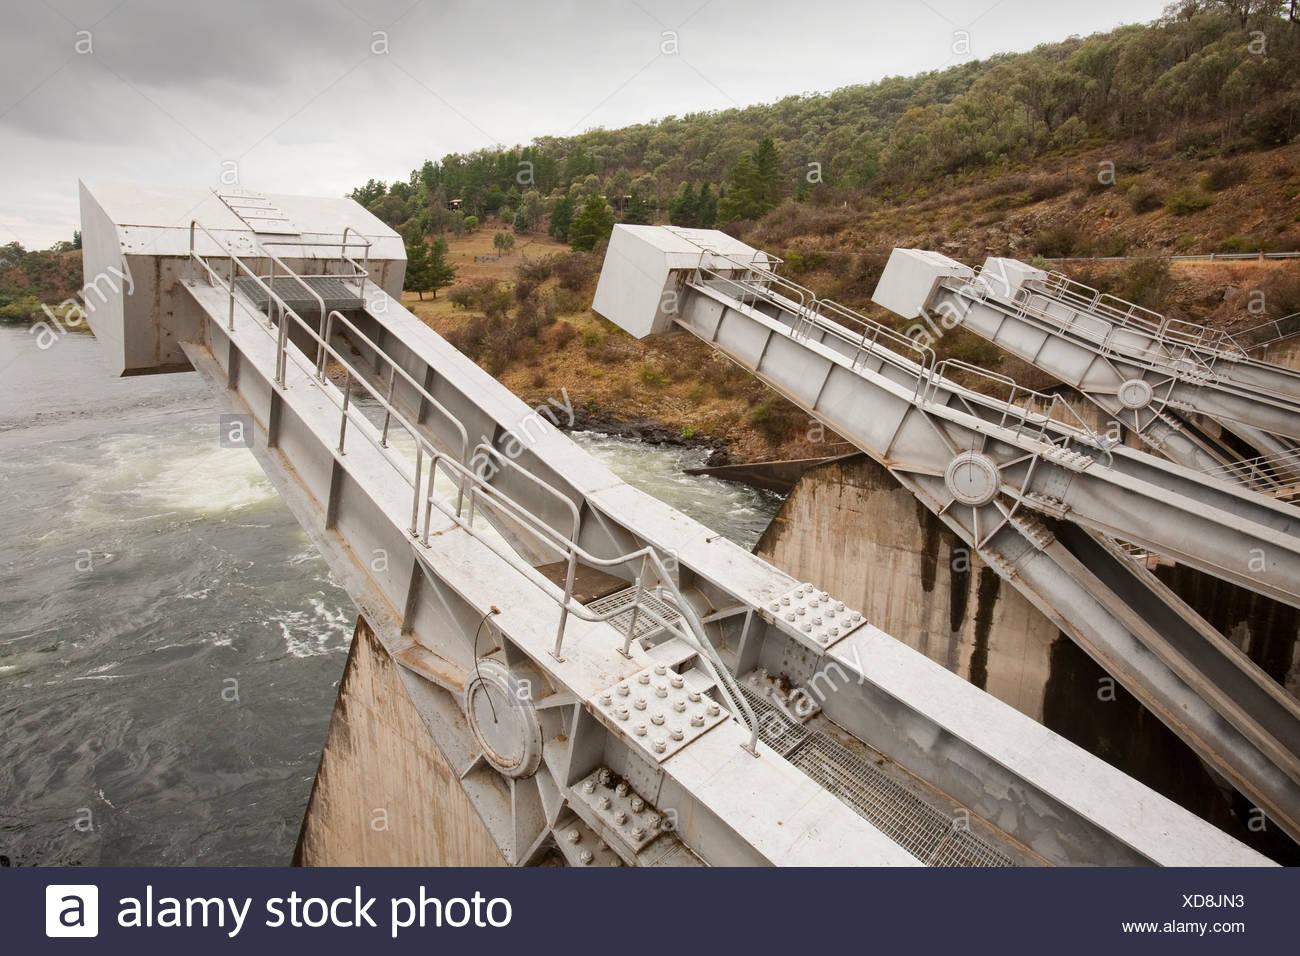 Khancoban dam, parte de las montañas nevadas plan hidroeléctrico en Nueva Gales del Sur, Australia. Foto de stock